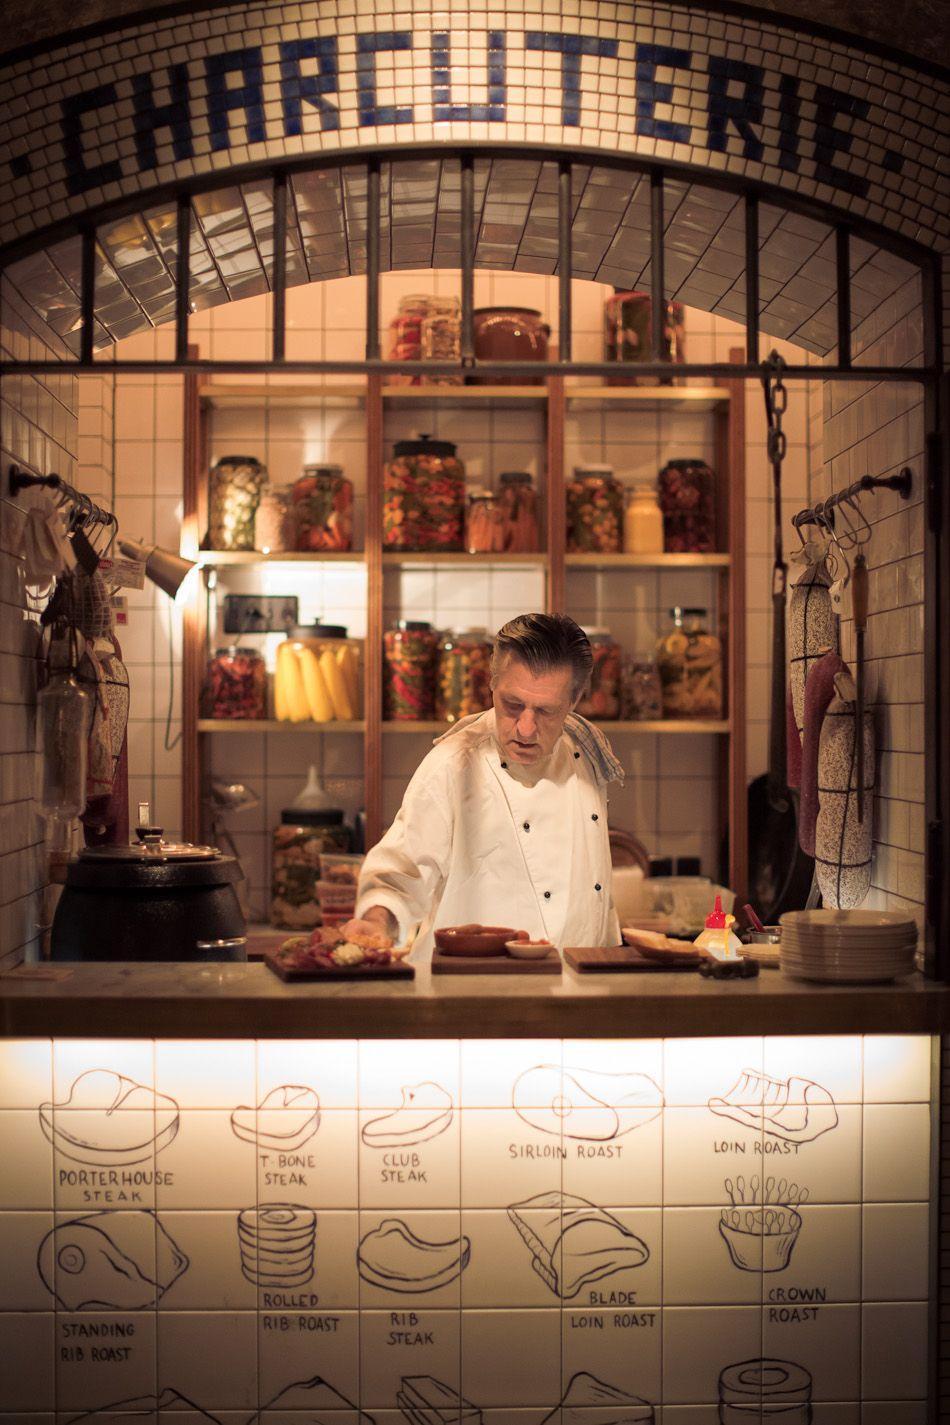 Kaper Design; Restaurant & Hospitality Design: Palmer & Co